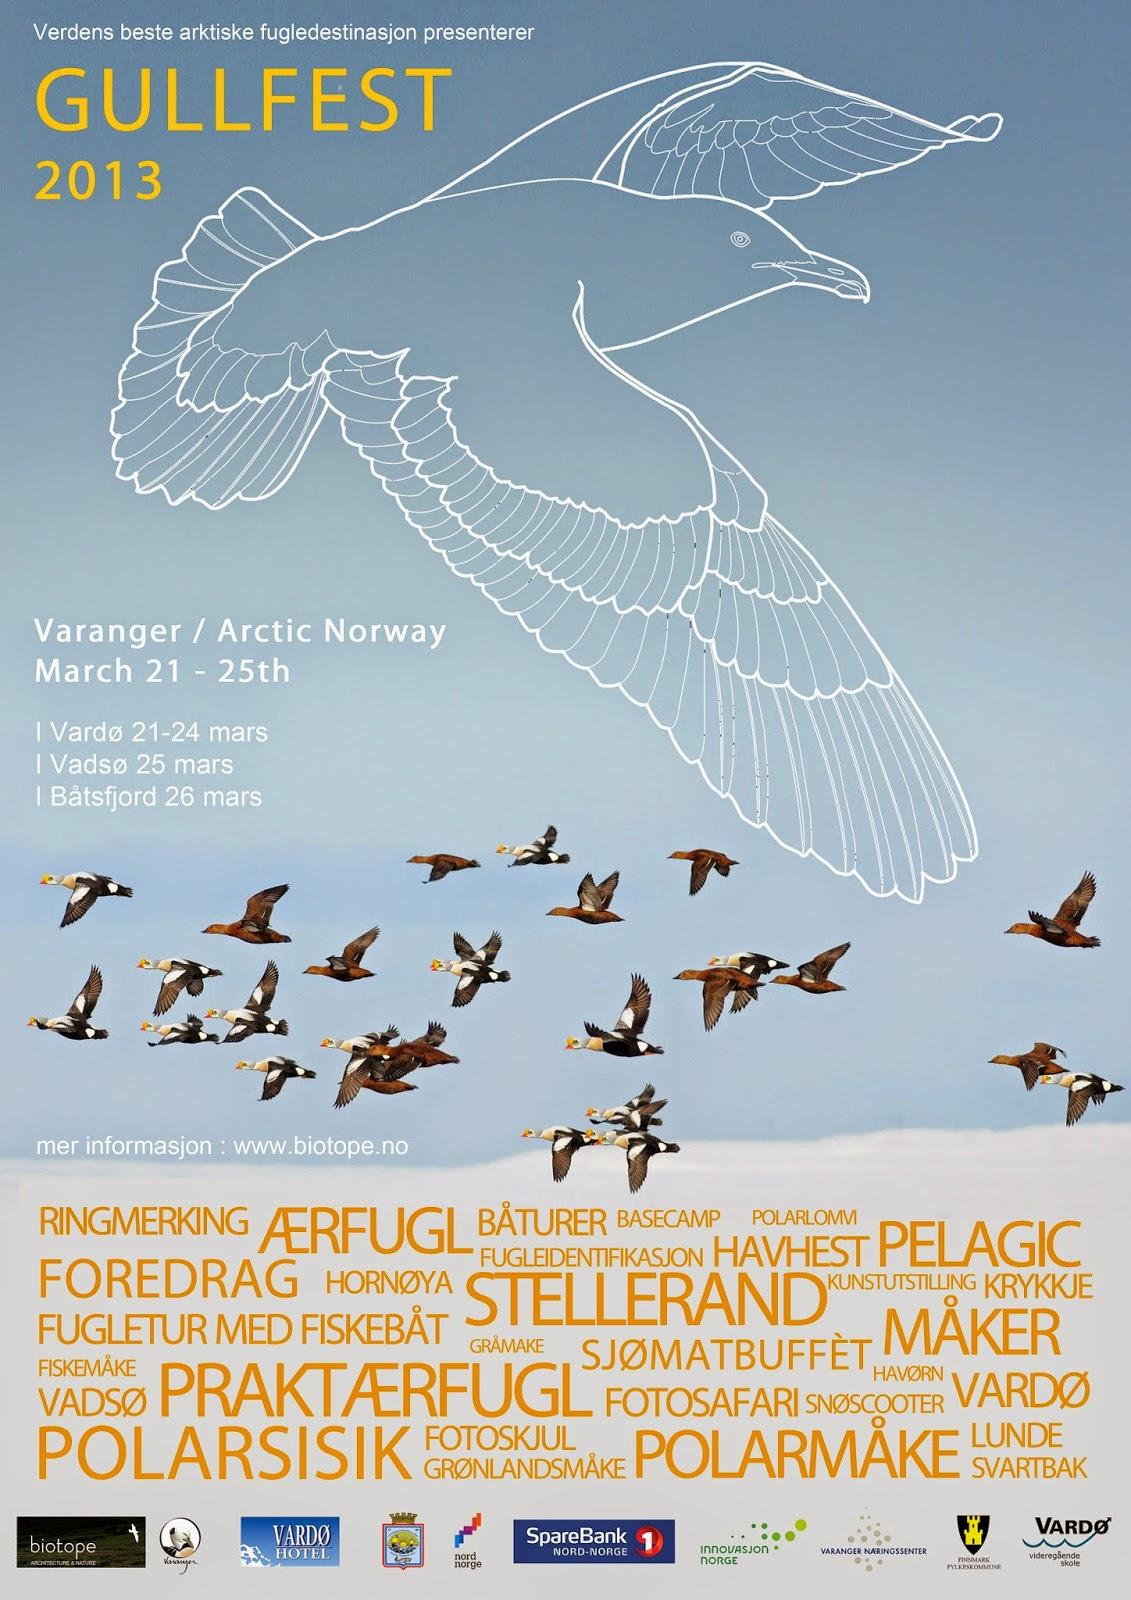 Gullfest 2013 Poster.jpg